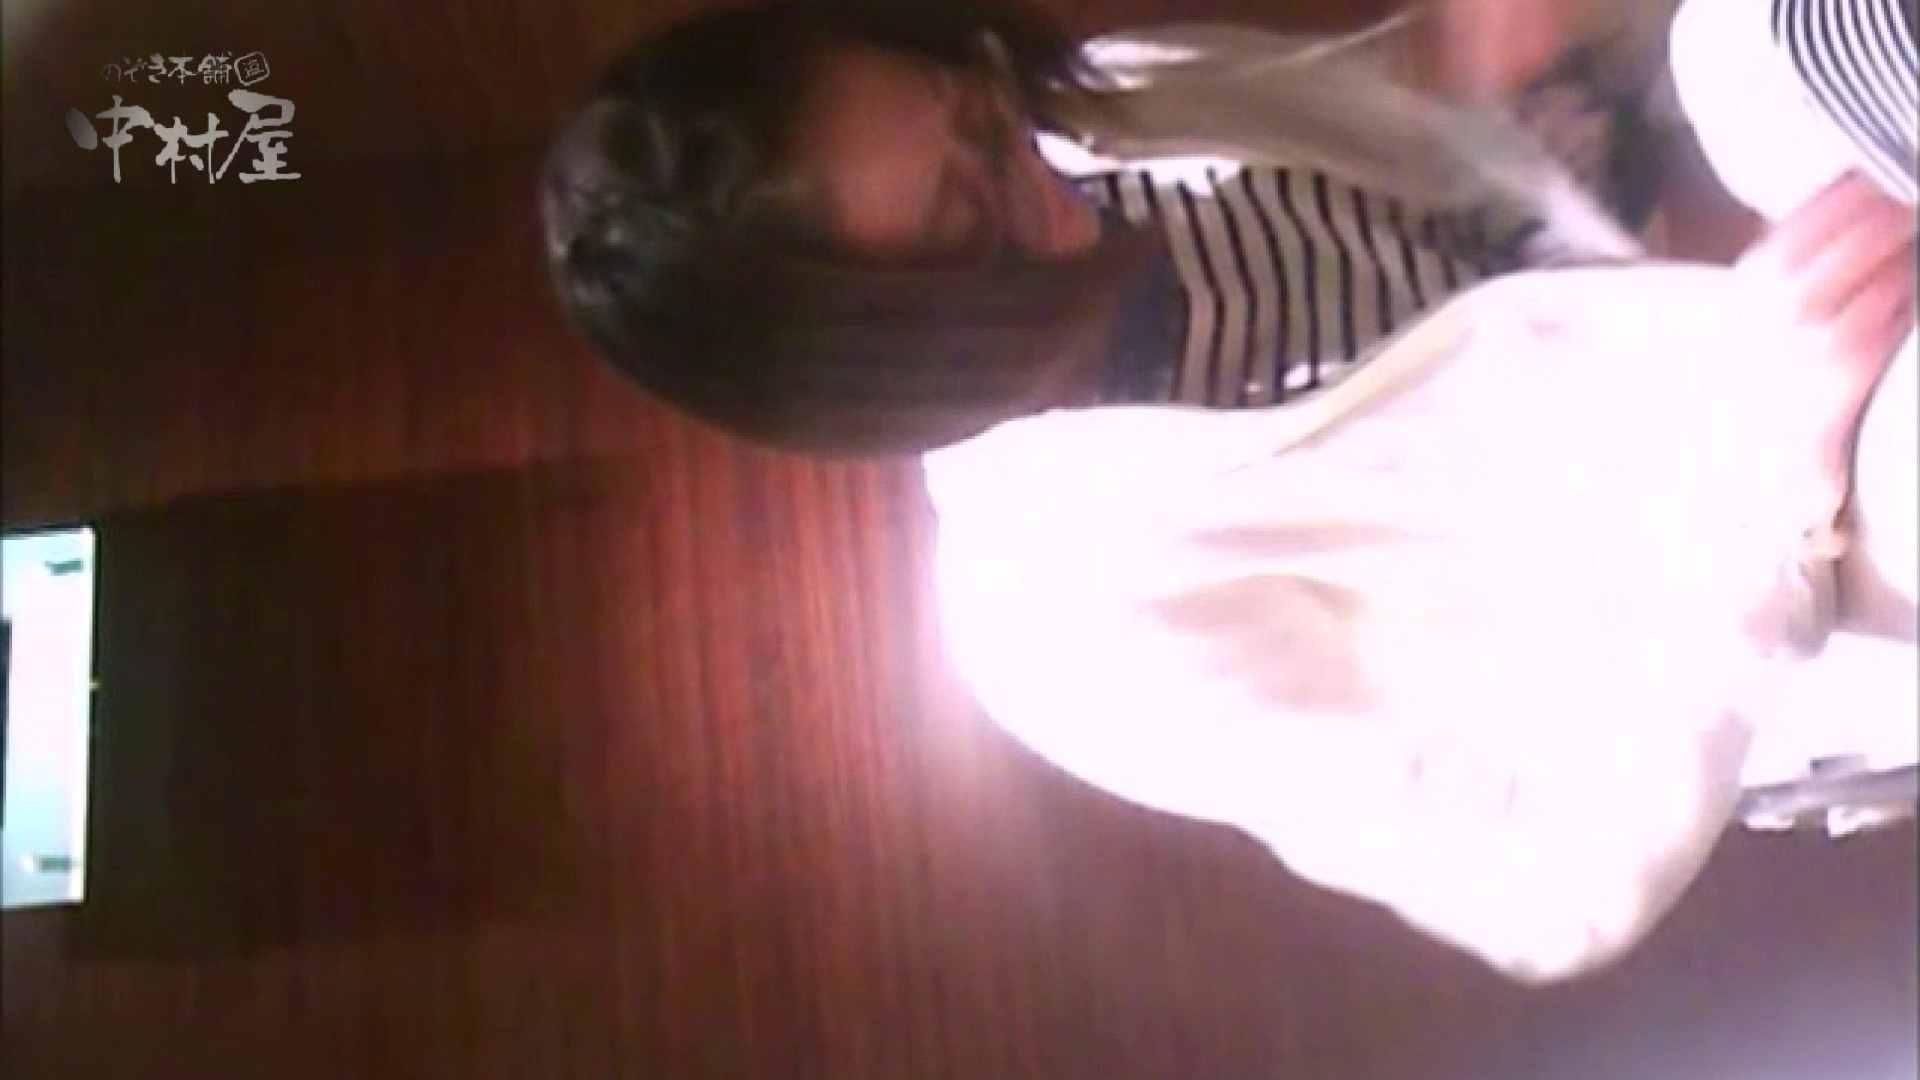 女子トイレ盗撮~某ファミレス編~vol.31 OLエロ画像 隠し撮りセックス画像 80PICs 27